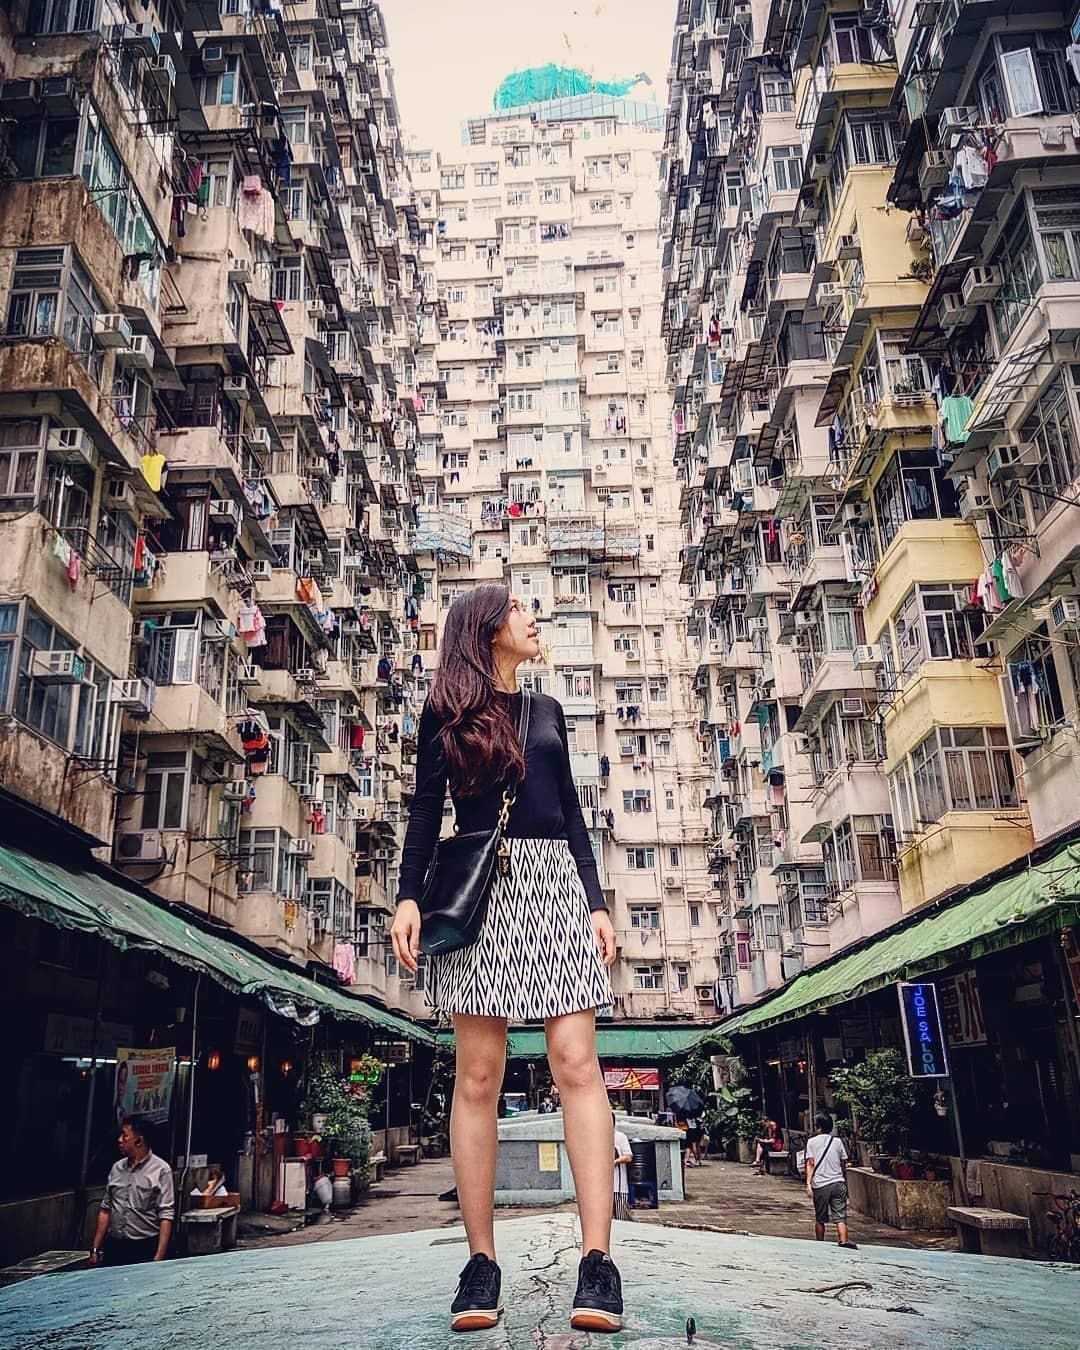 Bỏ túi ngay 8 điểm 'sống ảo' nổi tiếng ở Hong Kong, vị trí thứ 2 hot đến nỗi còn lọt vào top được check-in nhiều nhất trên Instagram! - Ảnh 13.